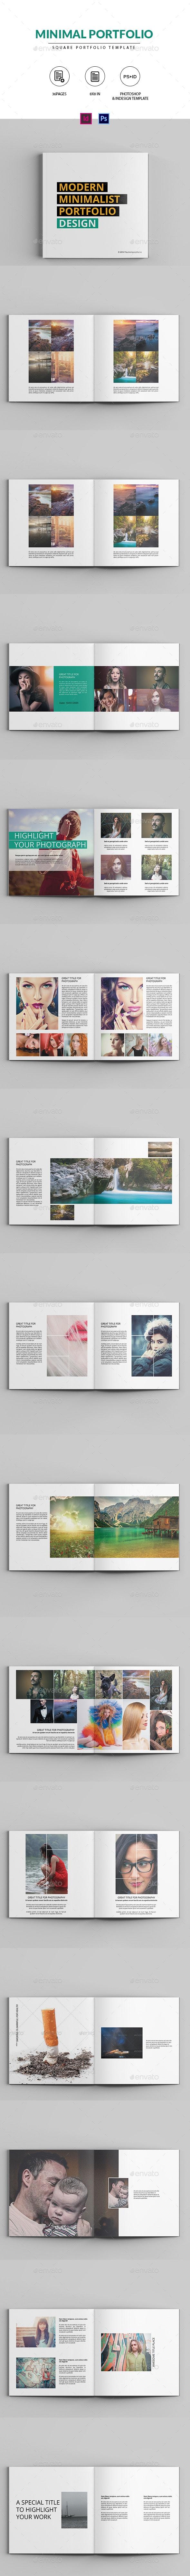 Minimal Square Portfolio Brochure - Portfolio Brochures